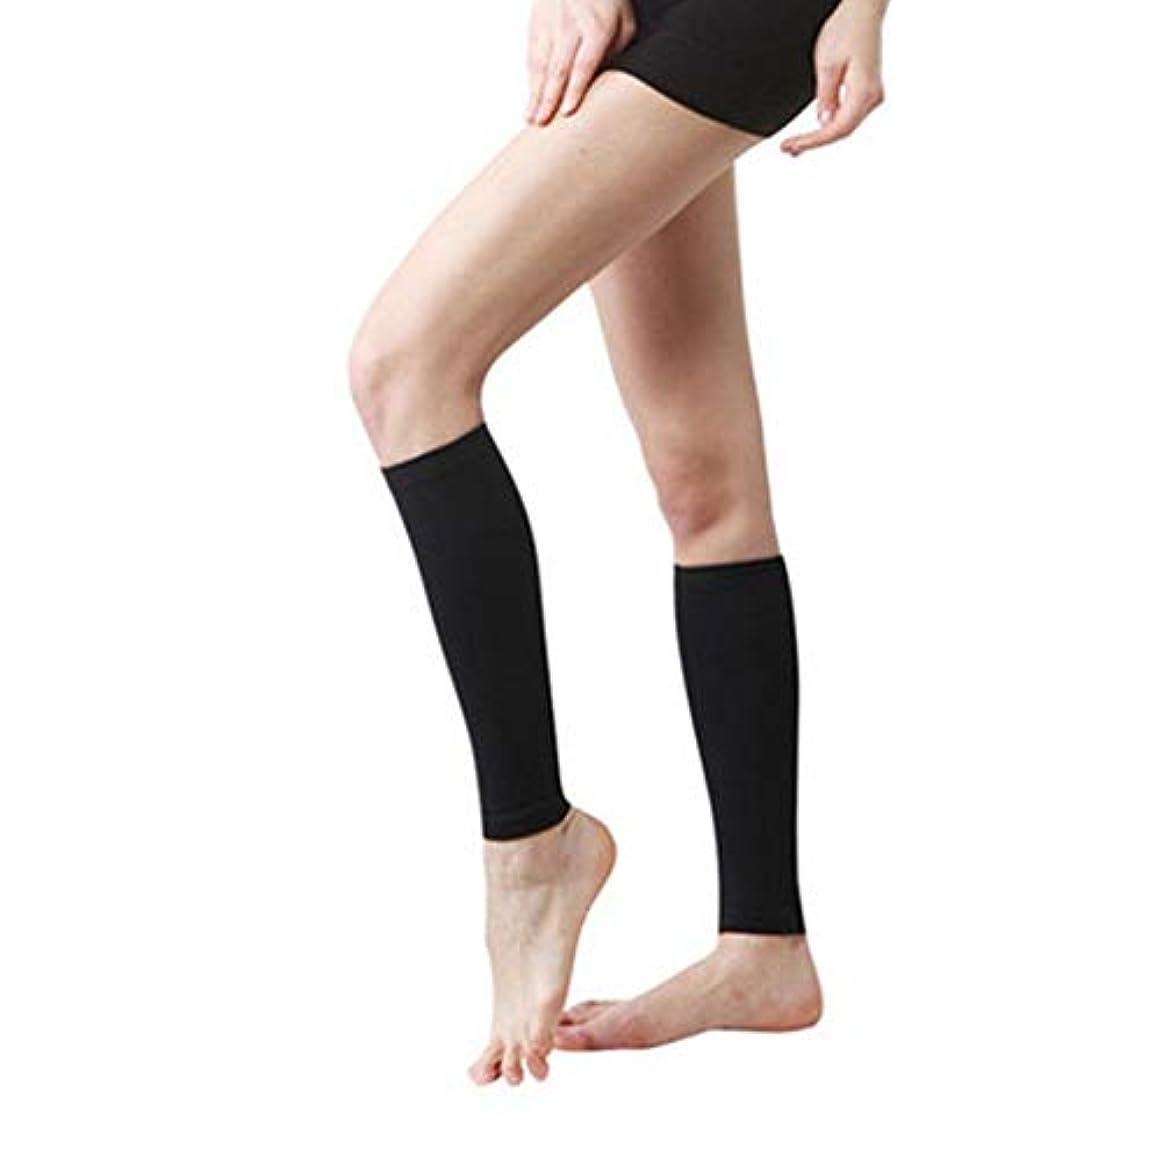 漂流みがきますコンデンサー丈夫な男性女性プロの圧縮靴下通気性のある旅行活動看護師用シンススプリントフライトトラベル - ブラック